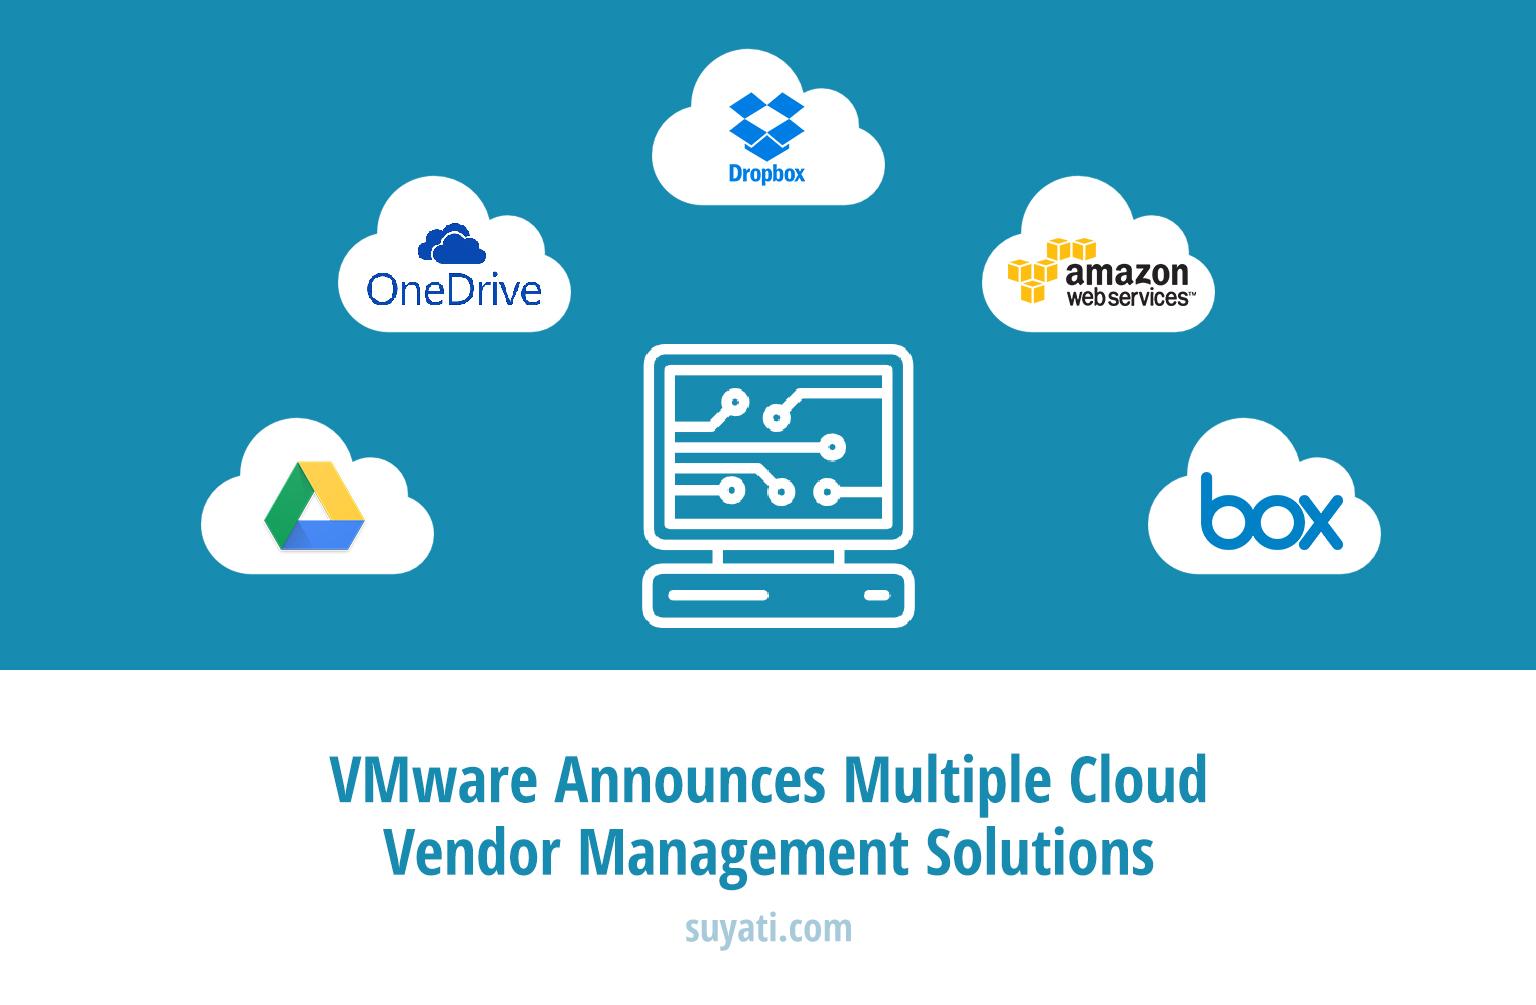 VMware announces multiple cloud vendor management solutions